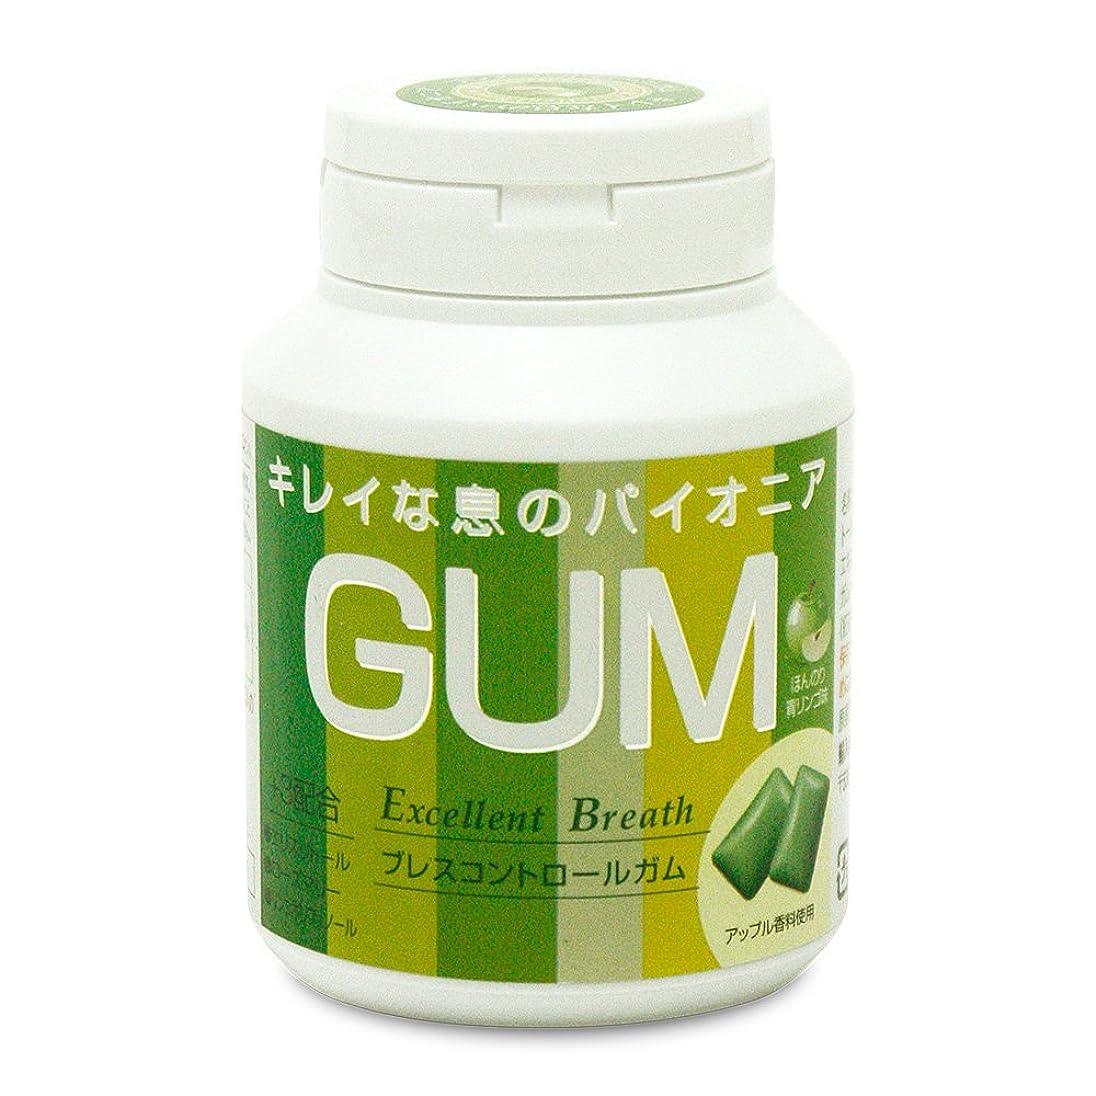 絡み合いご飯防腐剤エクセレントブレス ブレスコントロールガム(ほんのり青リンゴ味) 126g